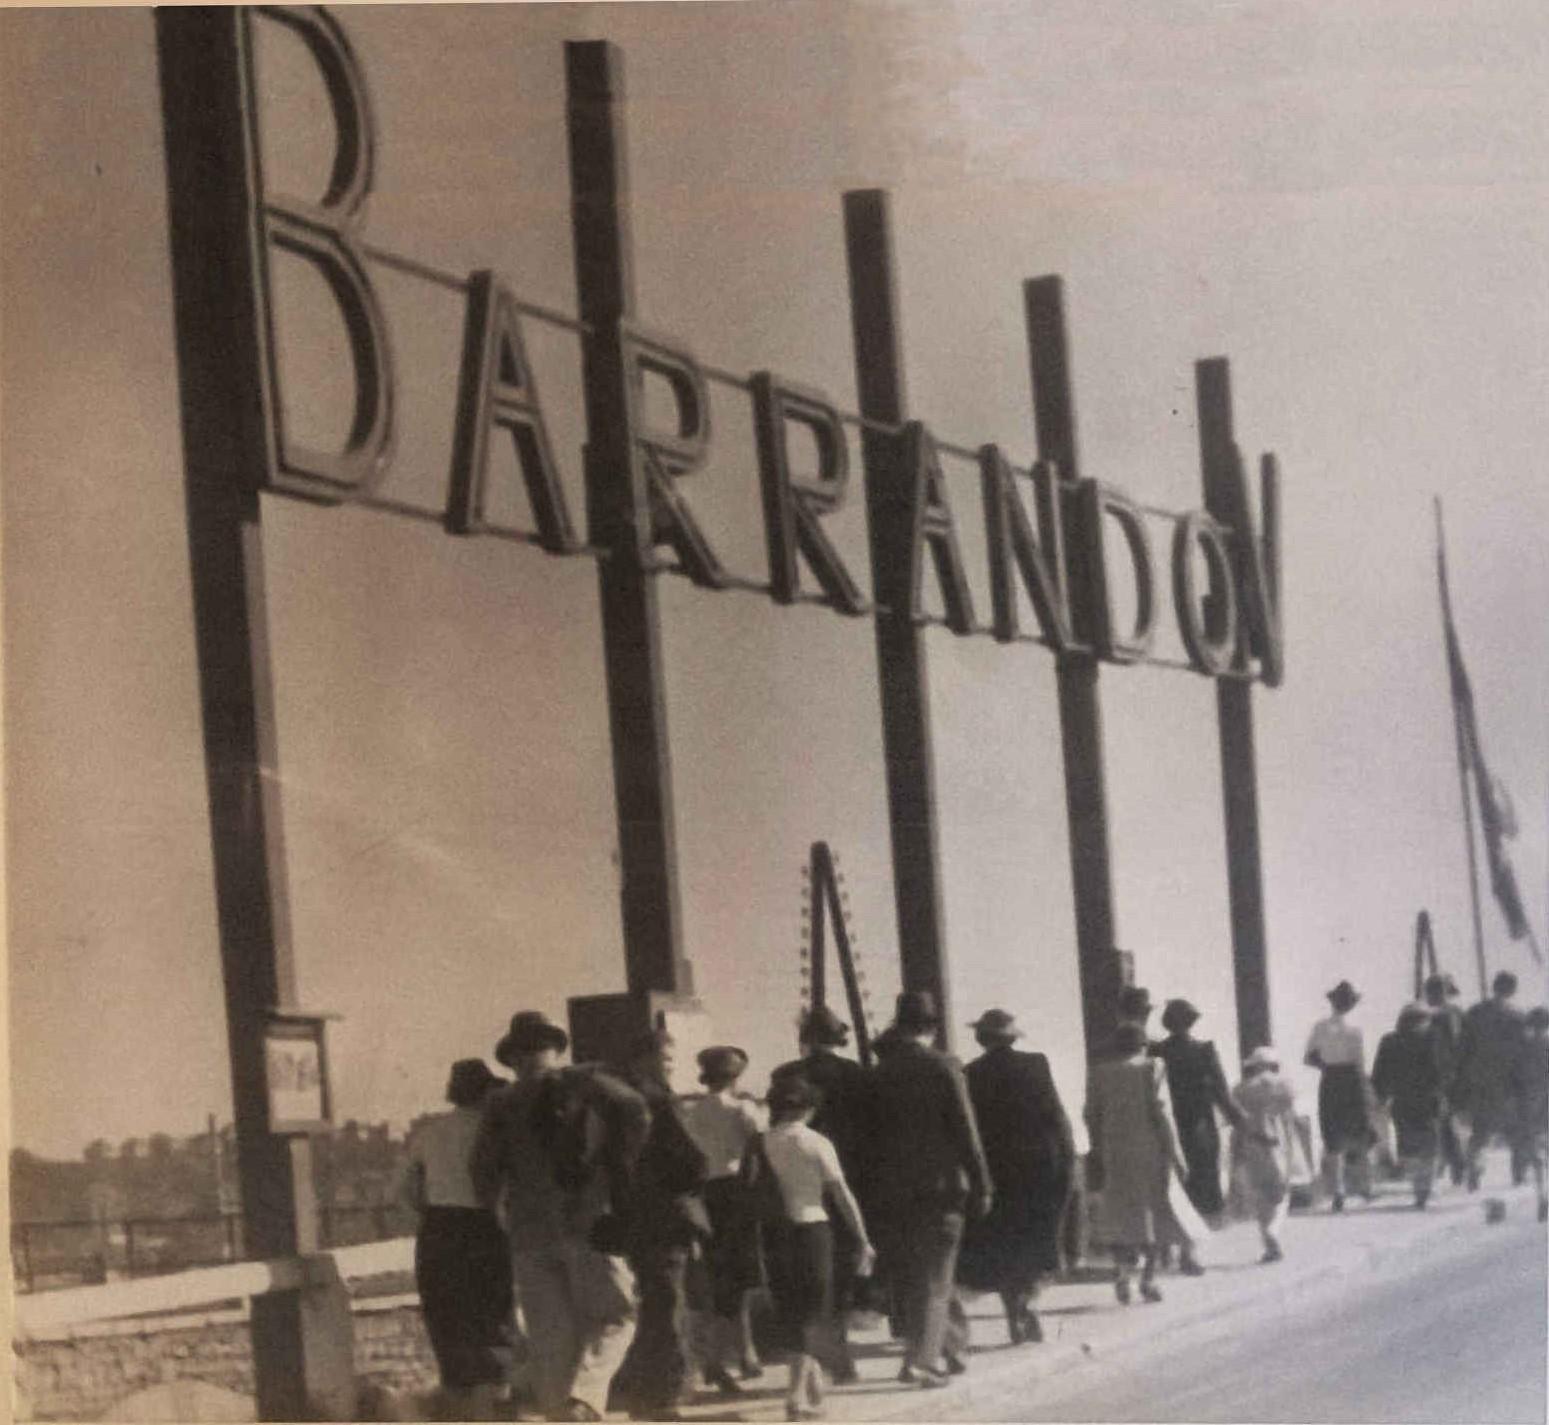 Lidé přicházejí na Barrandov - cca 1938